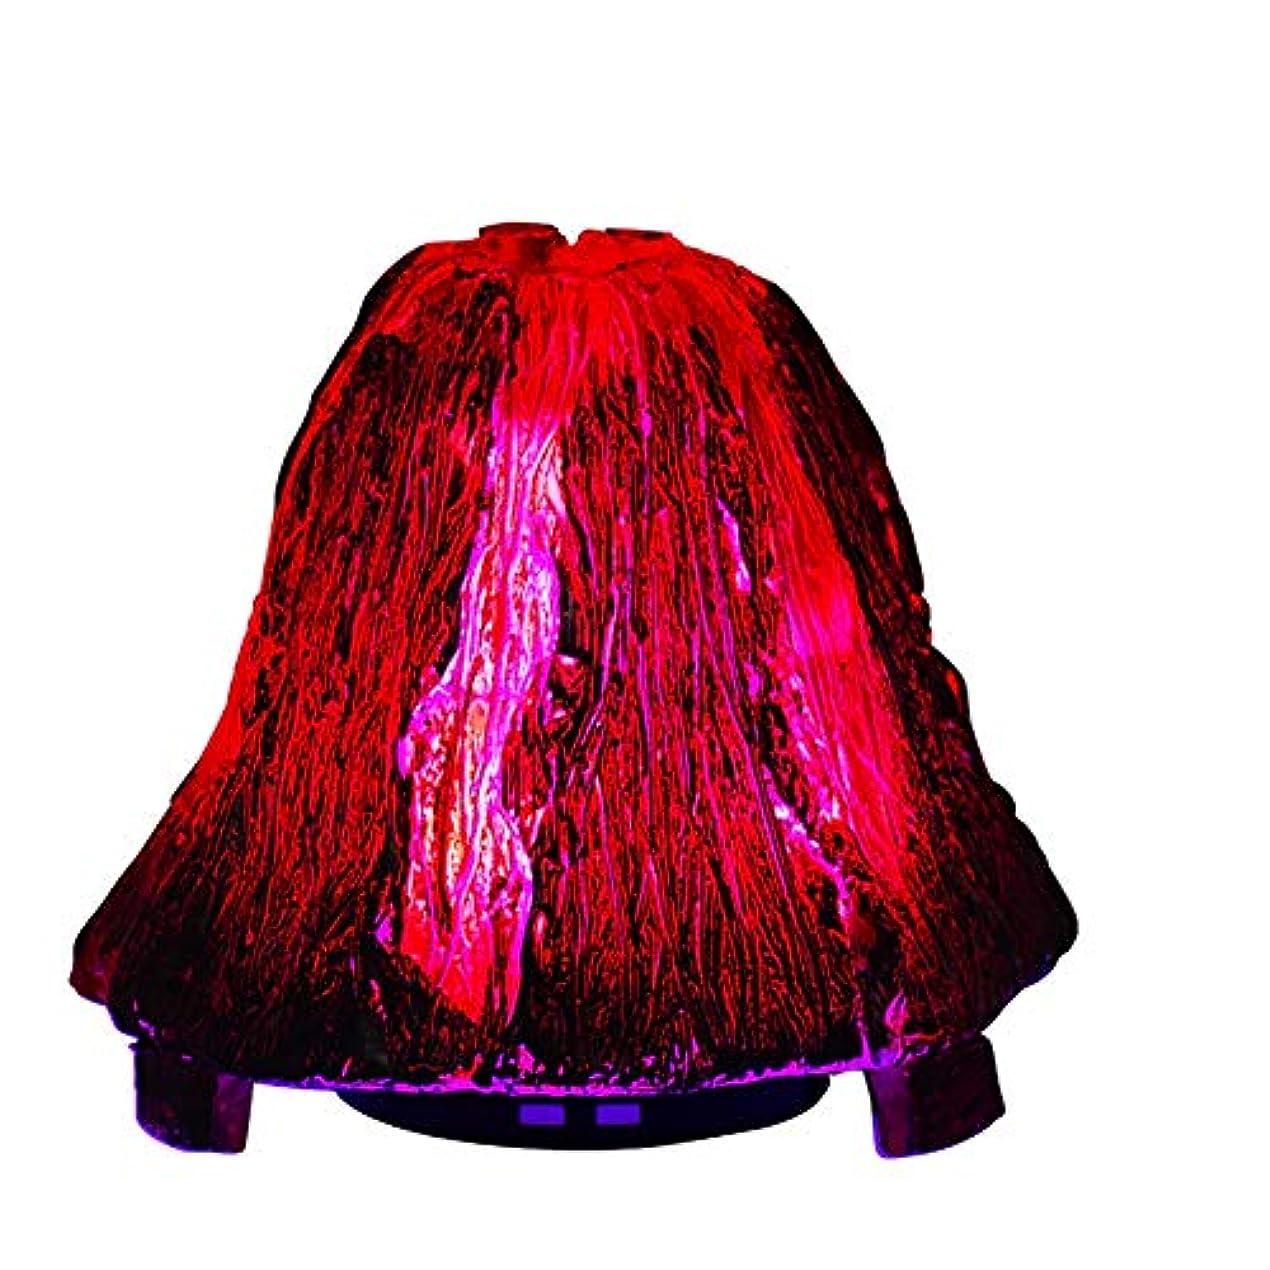 知るペン組み合わせオリジナリティ火山のエッセンシャルオイルディフューザー、120mlアロマセラピー超音波クールミスト加湿器、7色LEDライト付きウォーターレスオートオフ